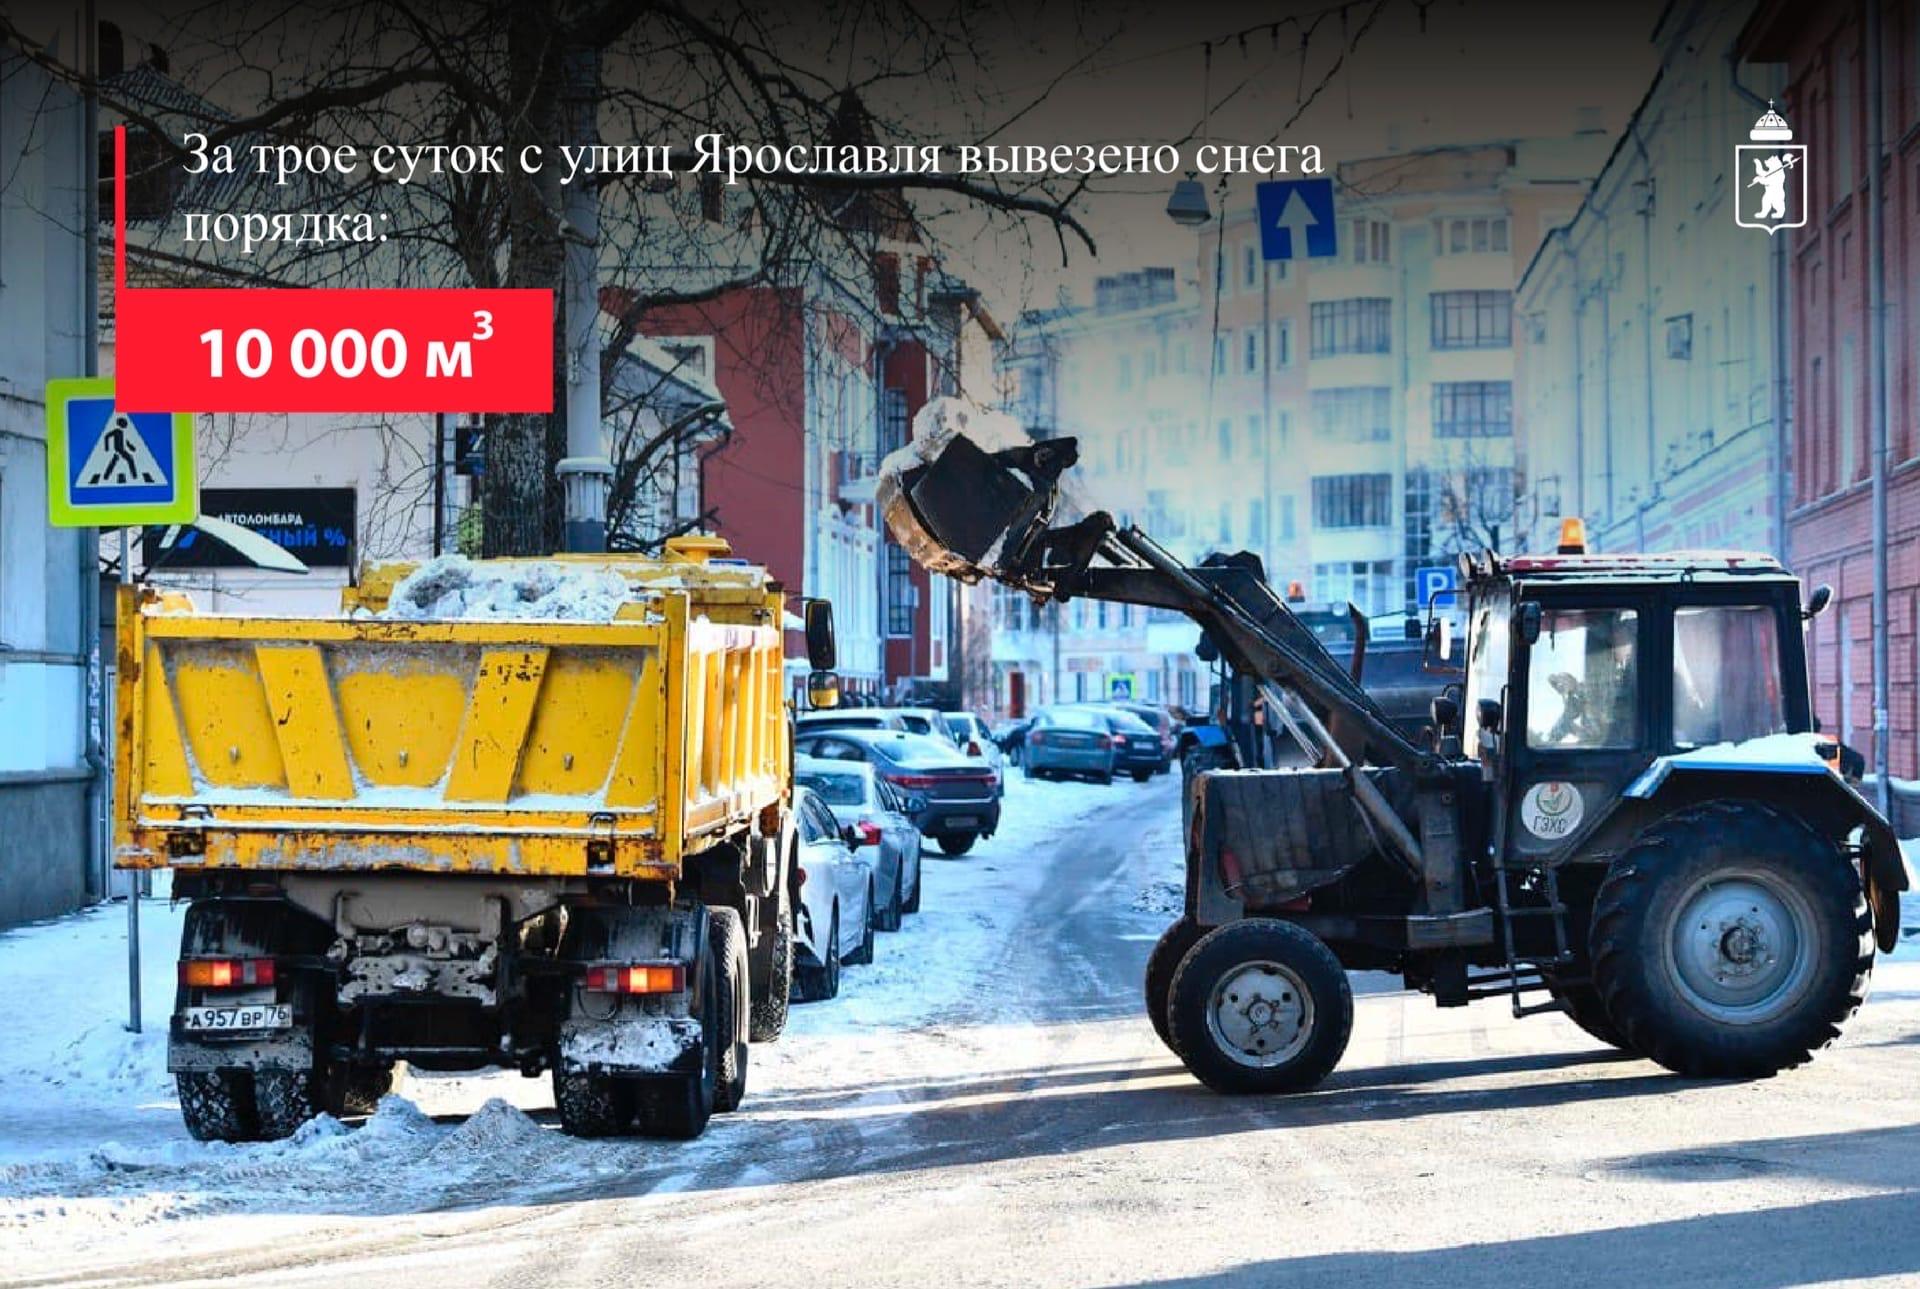 Мэр Ярославля извинился за неудобства, доставленные жителям города из-за обилия снега